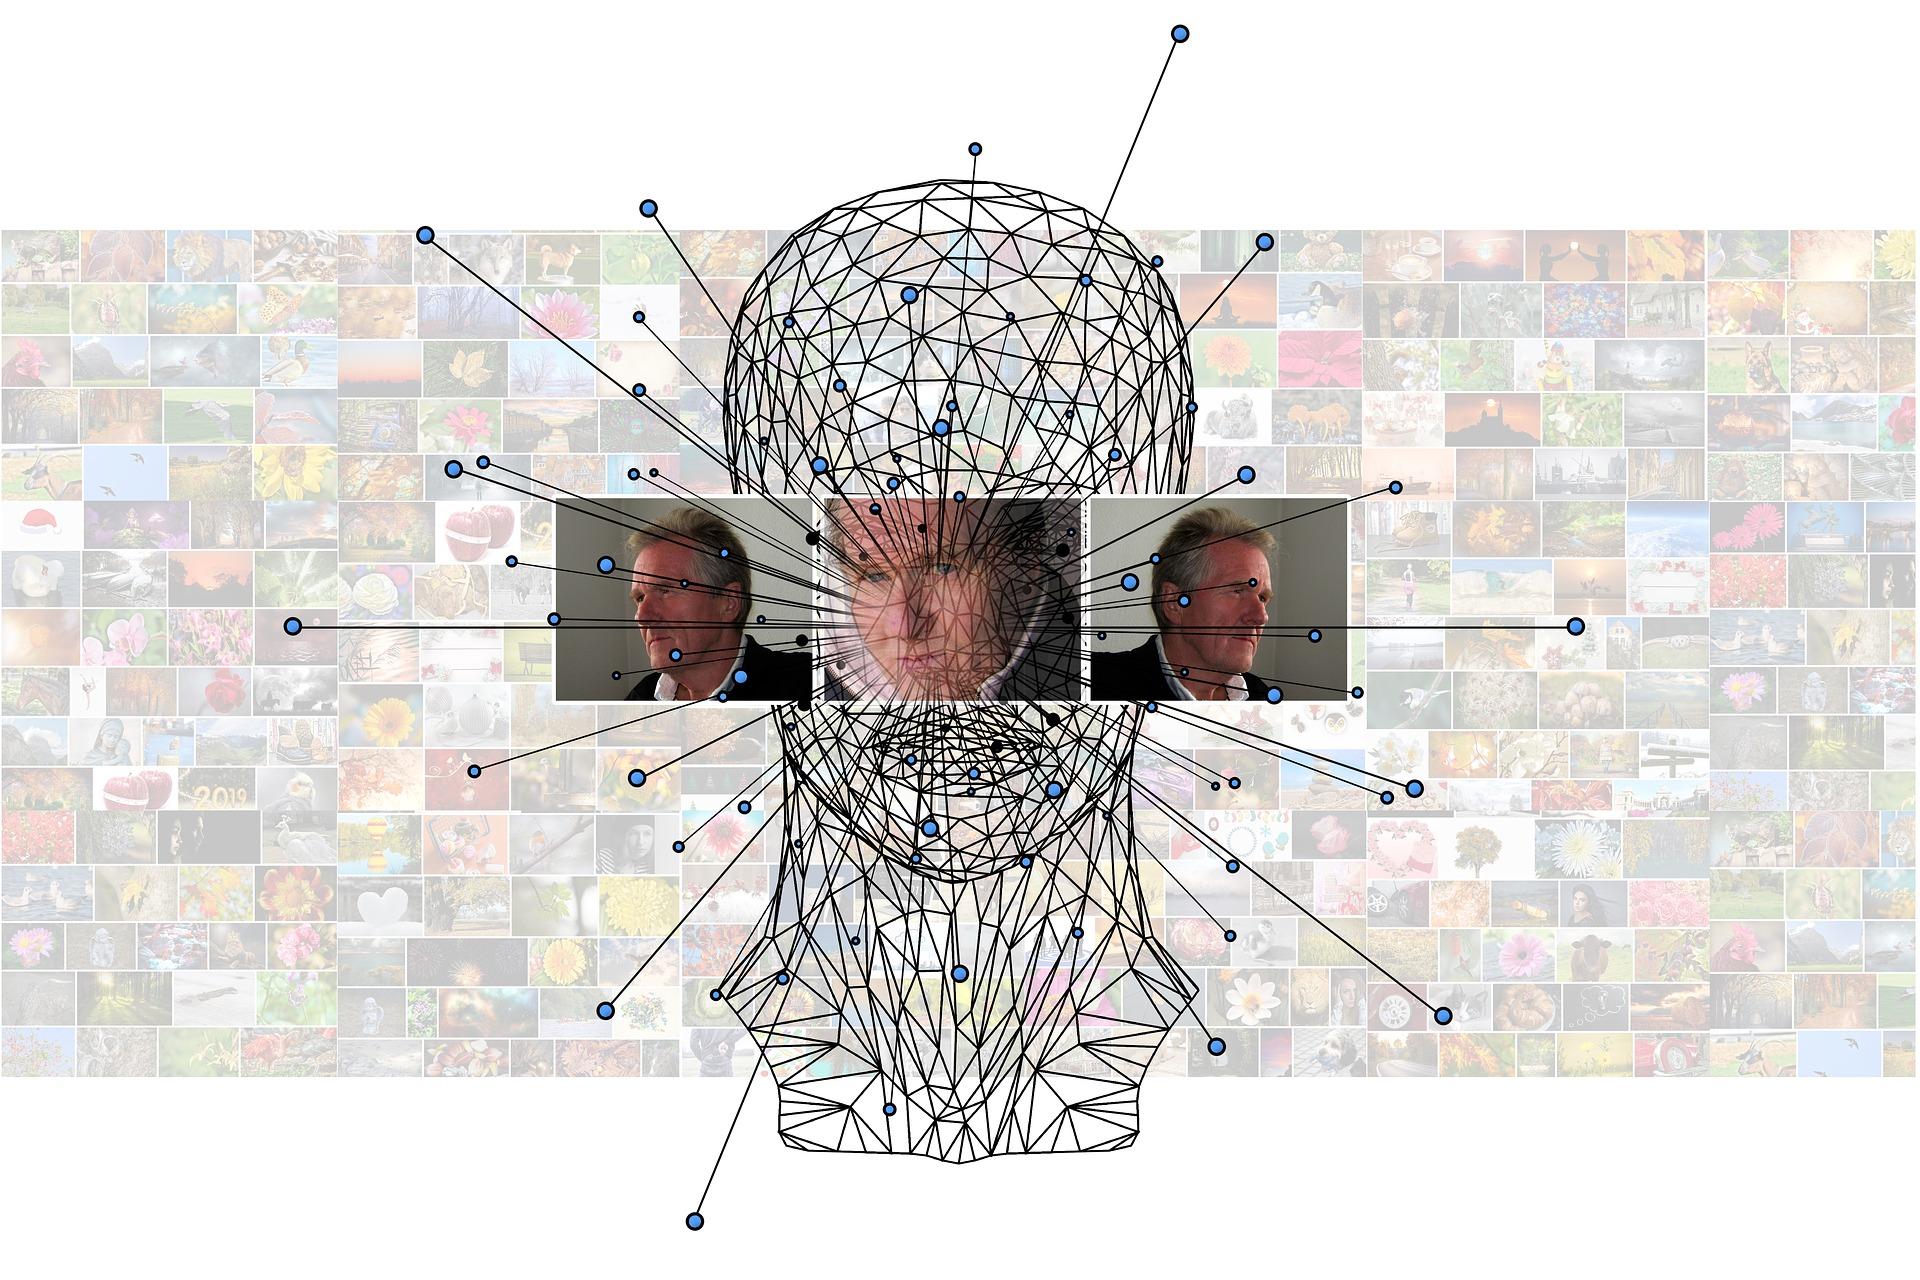 A relevância dos dados e algoritmos para as pessoas e negócios